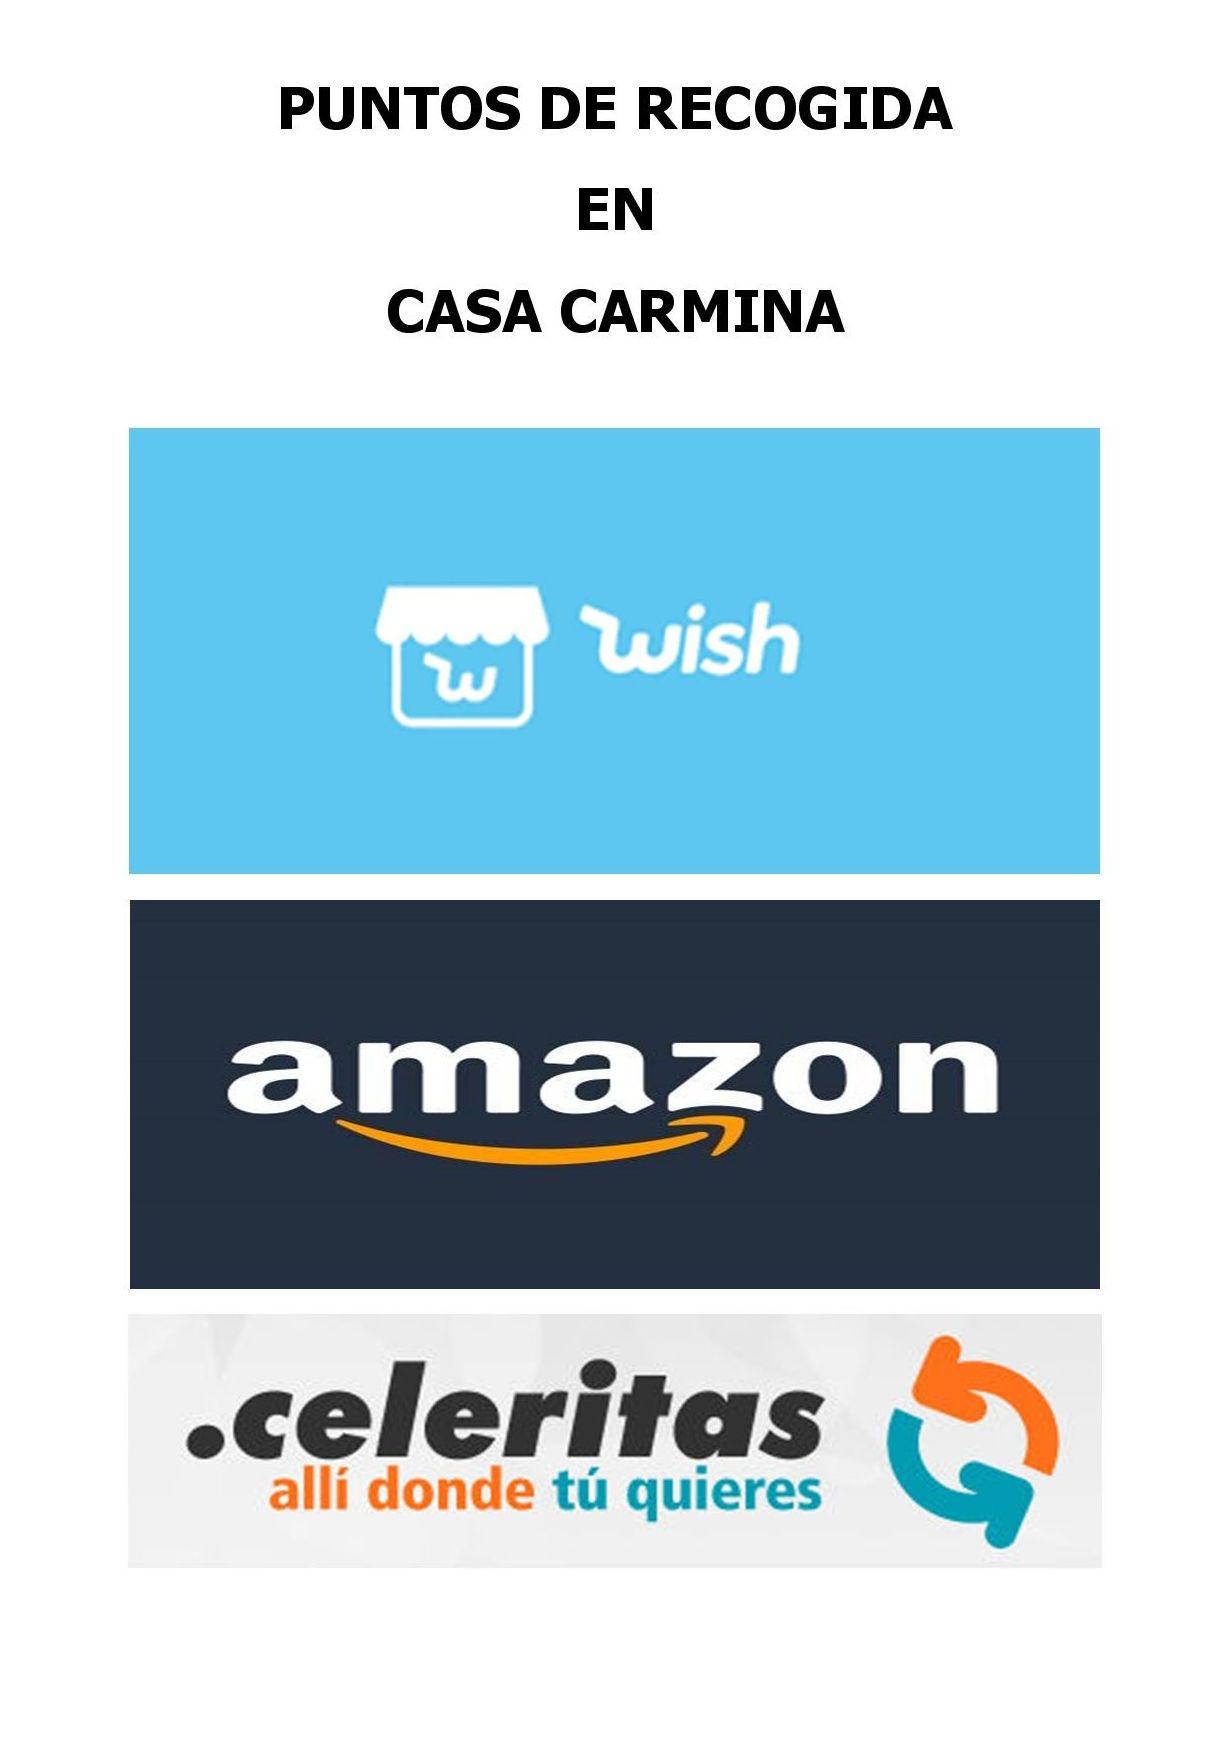 CASA CARMINA PUNTO DE RECOGIDA Y DEVOLUCION DE PAQUETES DE AMAZON,CELERITAS,WISH